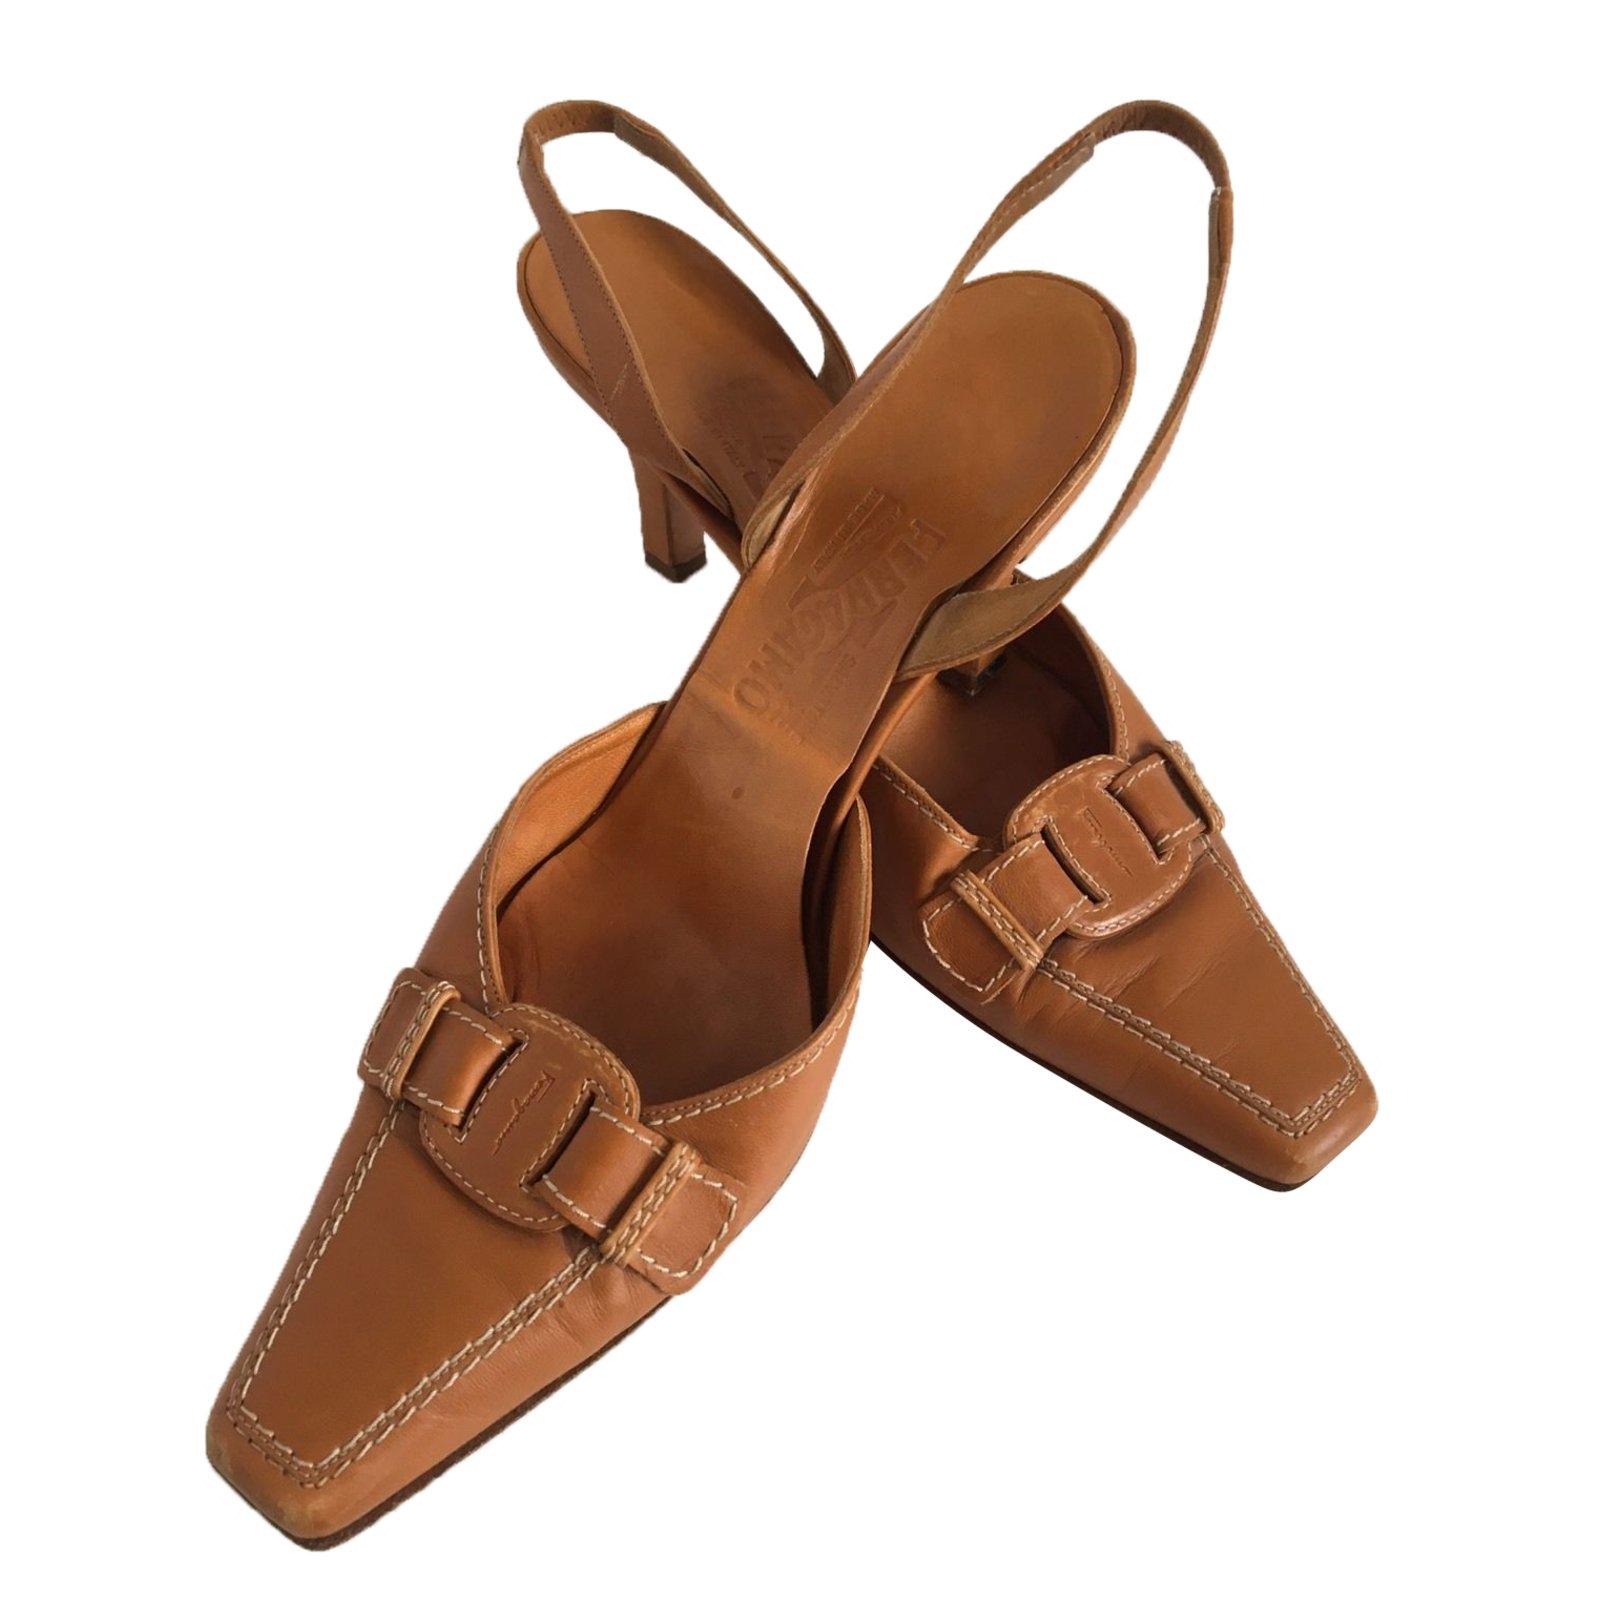 Ete Salvatore Chaussures Salvatore Ferragamo Chaussures Ete eW9IYDEH2